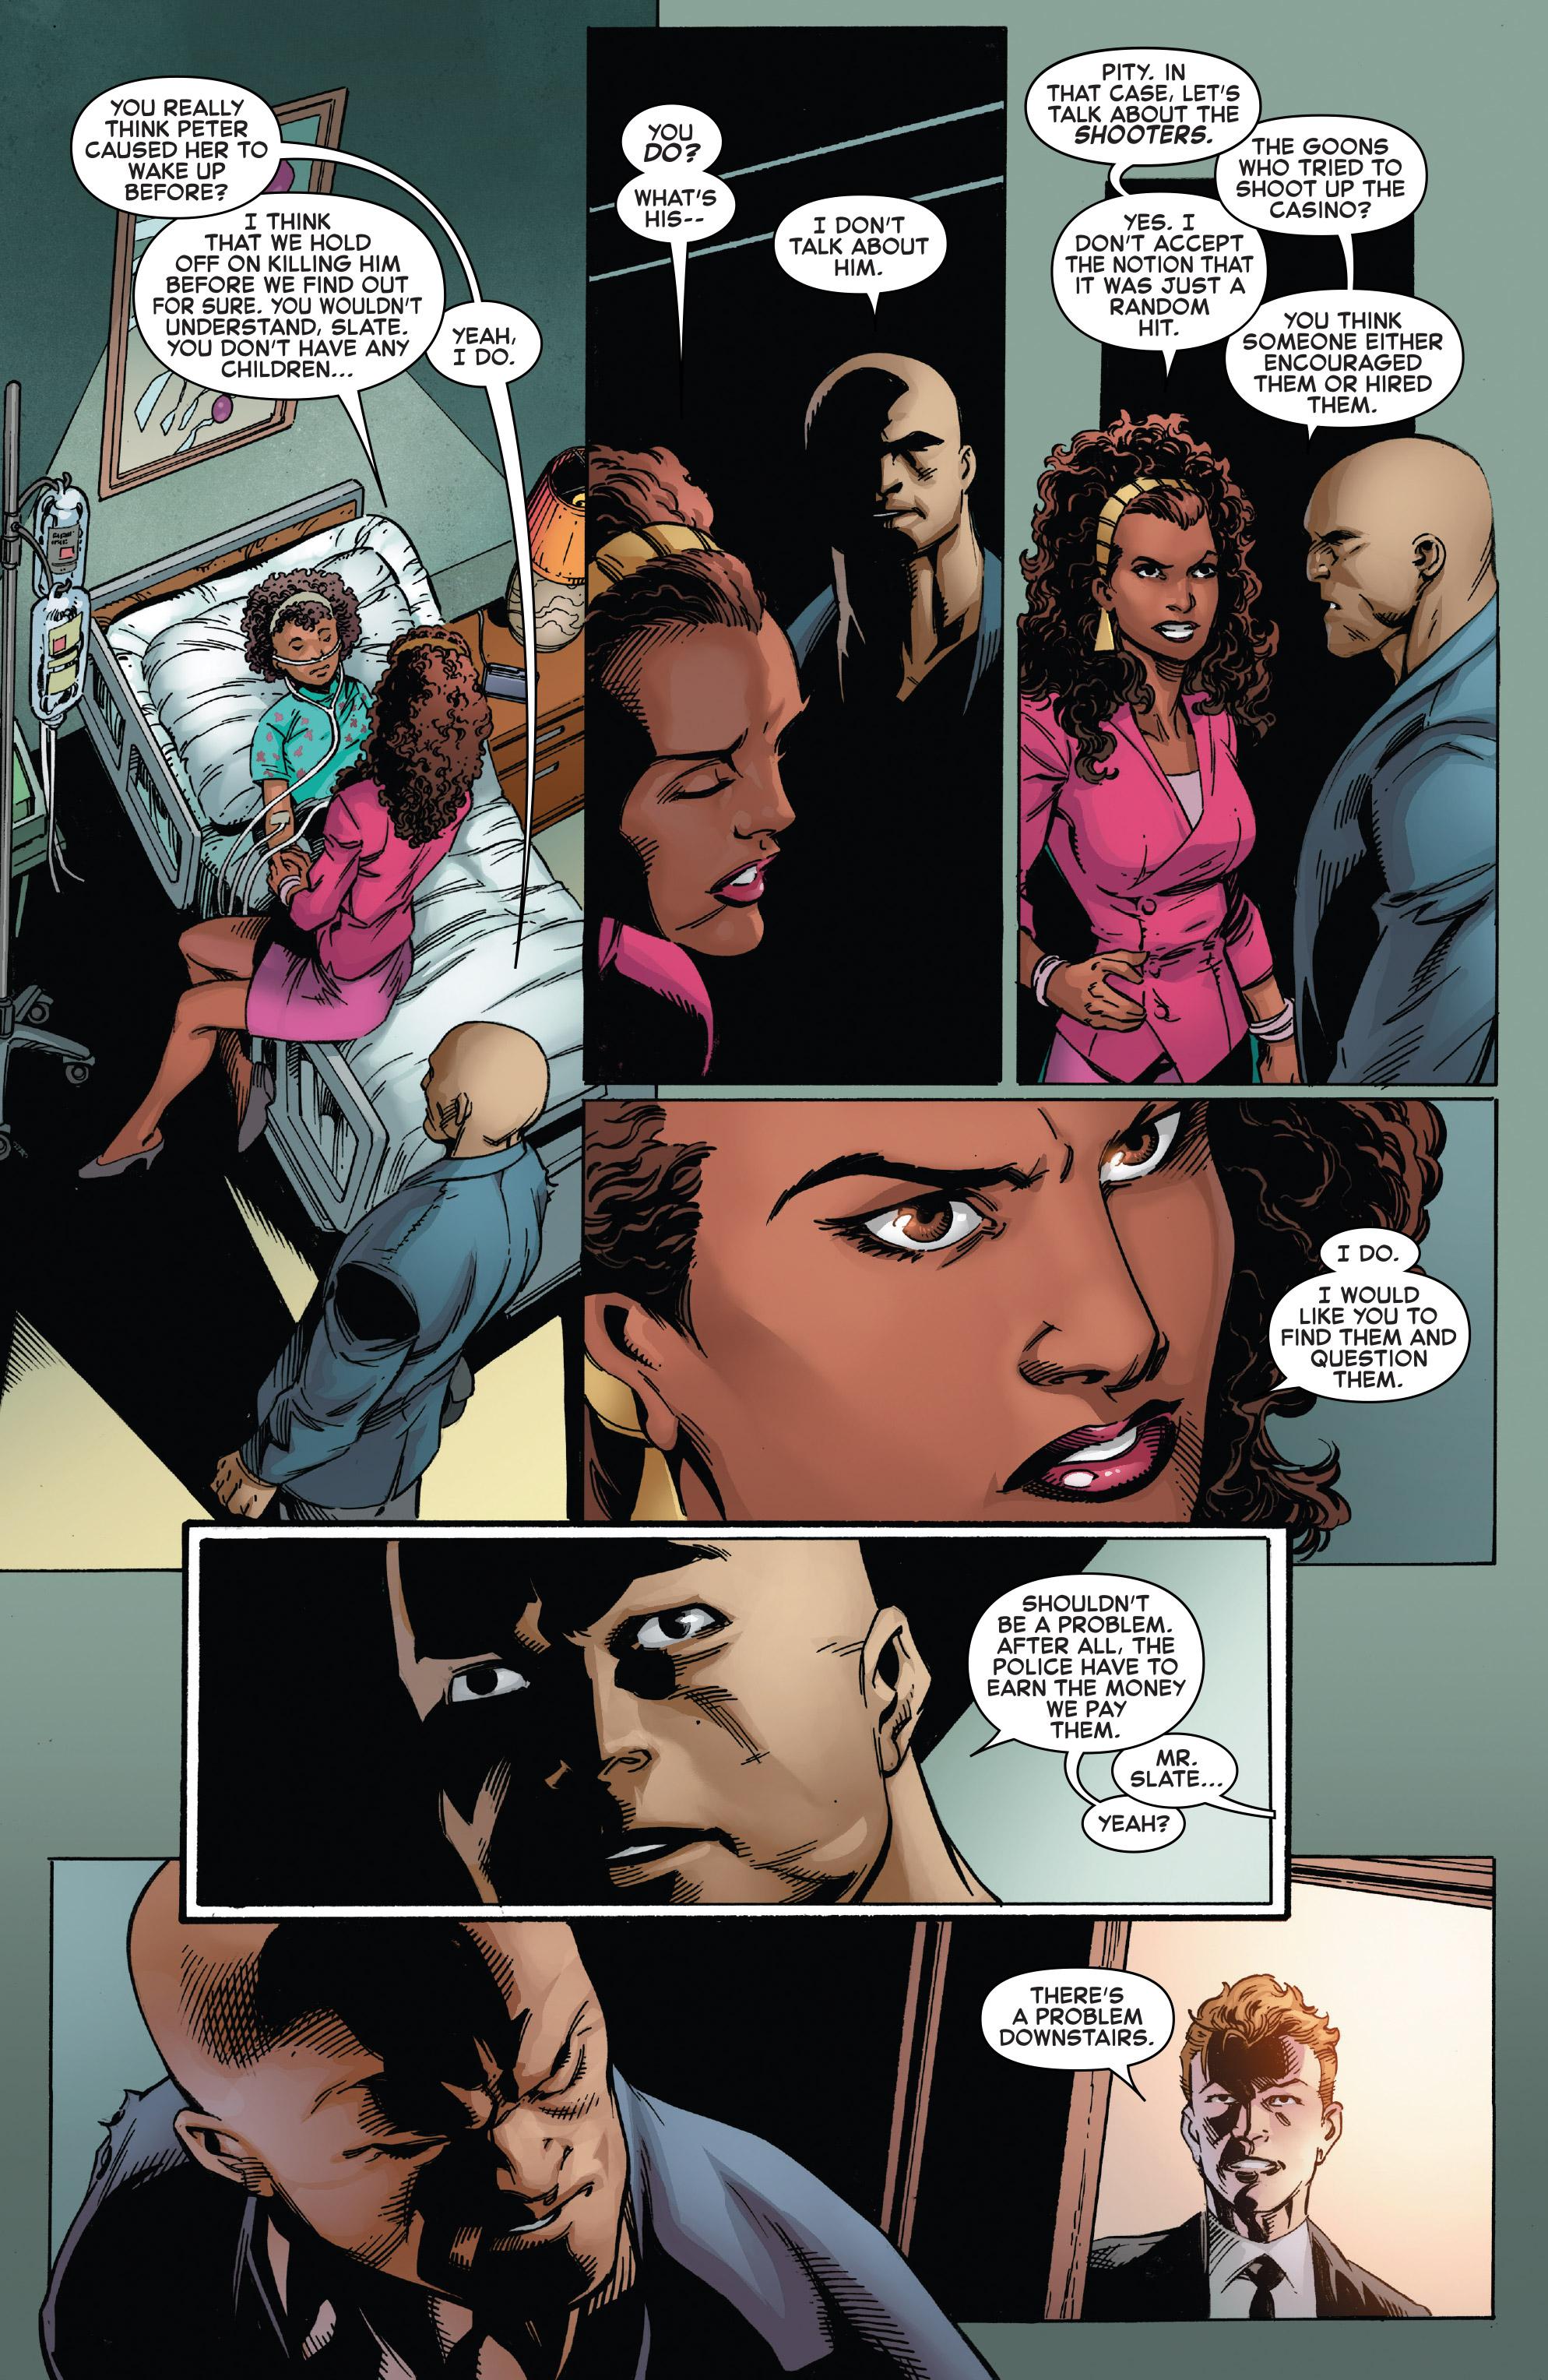 Read online Ben Reilly: Scarlet Spider comic -  Issue #3 - 13